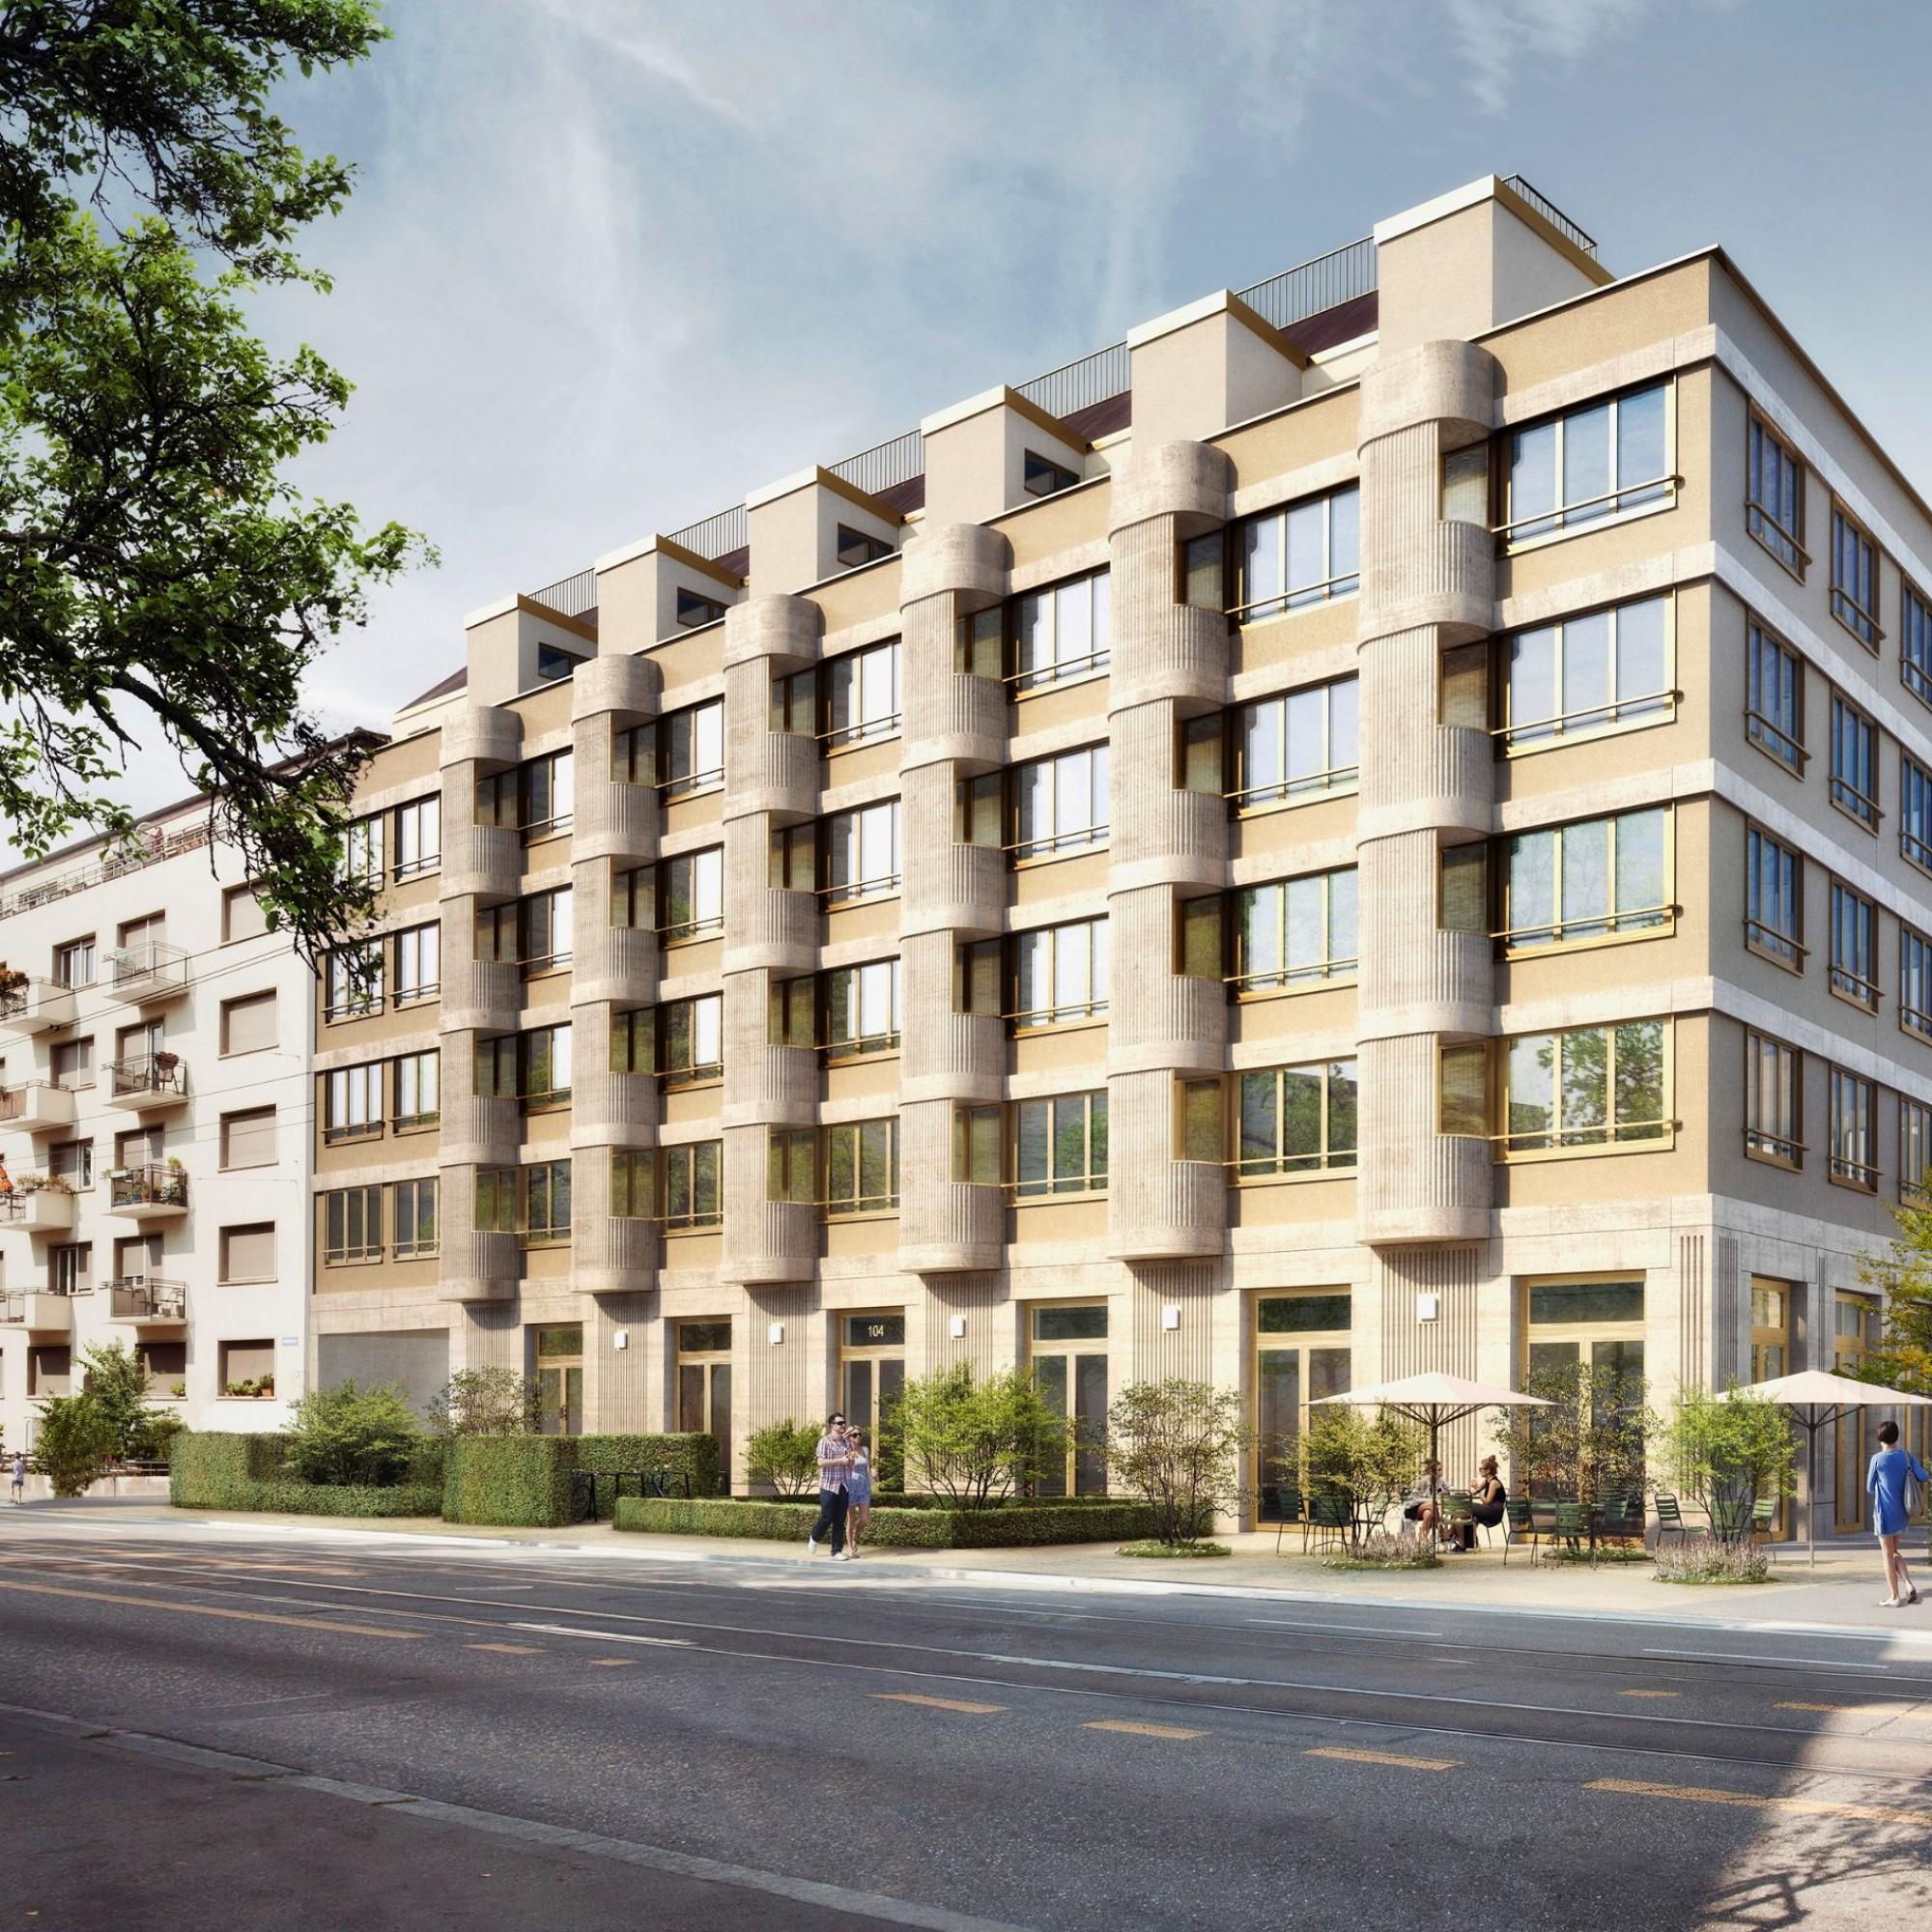 Dem Mehrfamilienhaus an der Hohlstrasse 100 in Zürich ist heute von aussen nicht anzusehen, welche Hightech-Dämmlösungen in ihm stecken